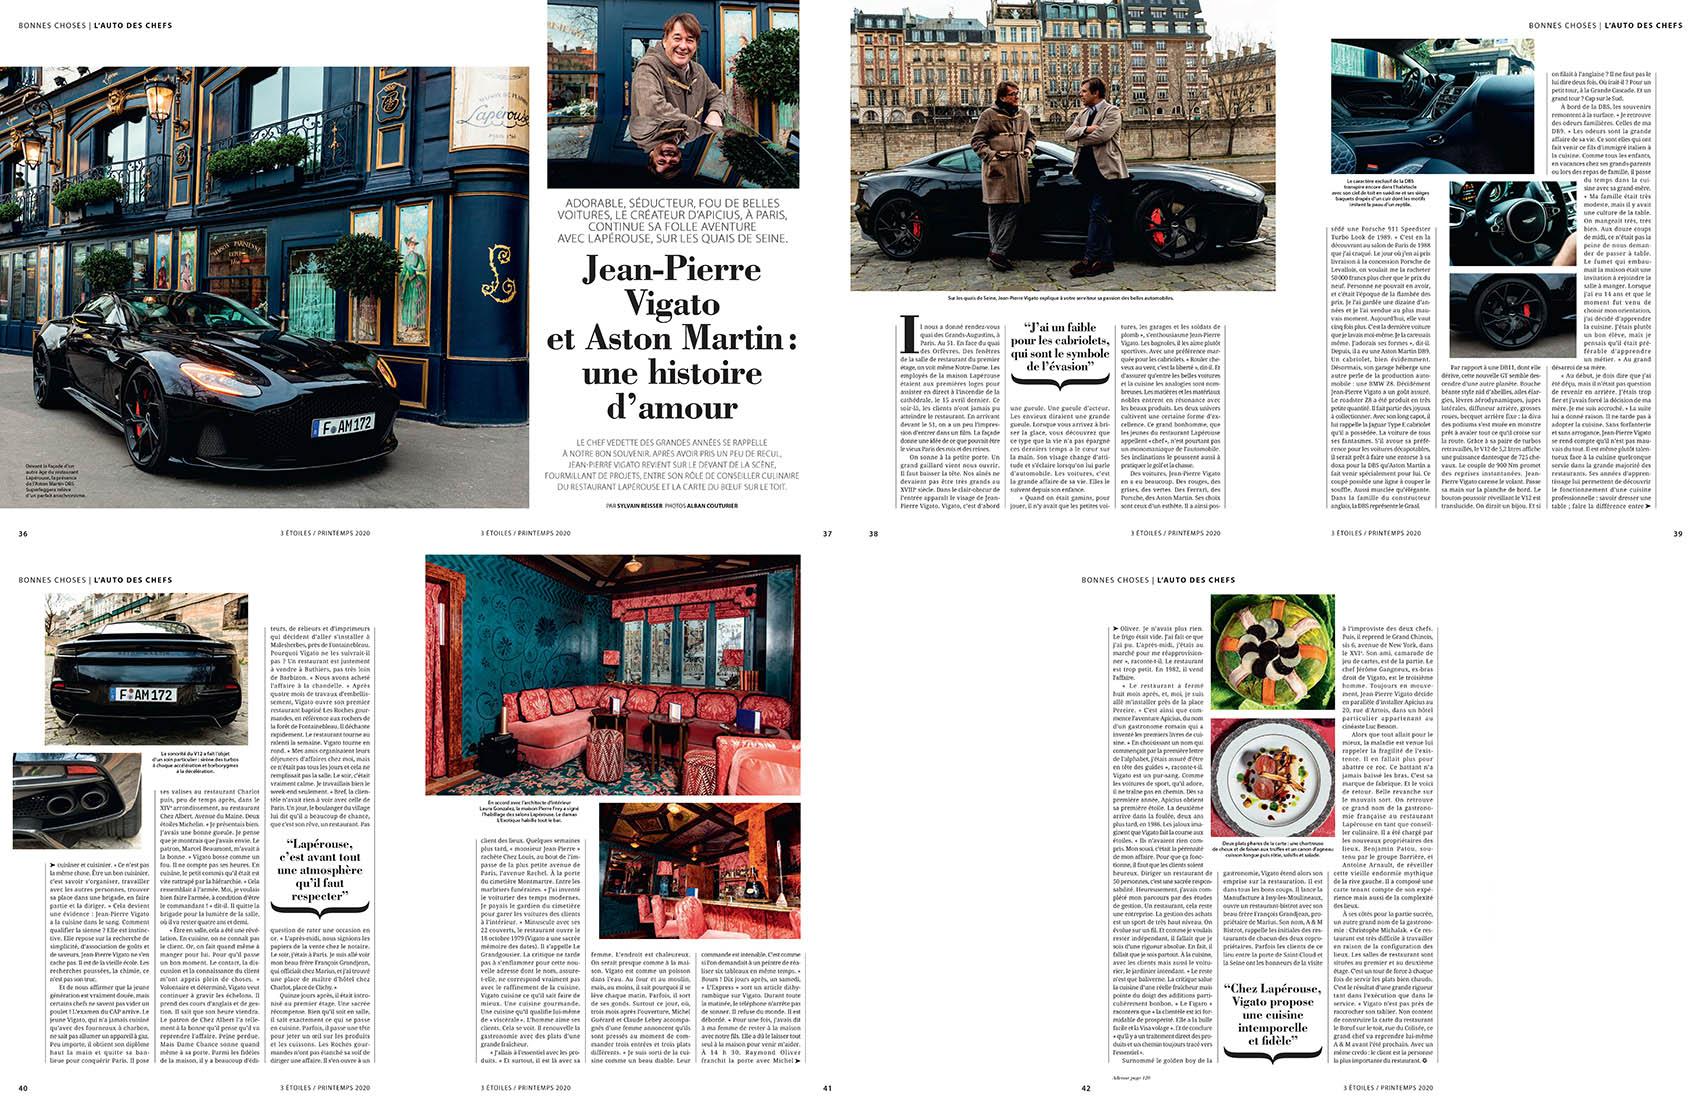 Reportage Mars 2020, Magazine 3 Etoiles, Jean Pierre Vigato, Restaurant Laperouse, Paris, Aston Martin ©Alban Couturier